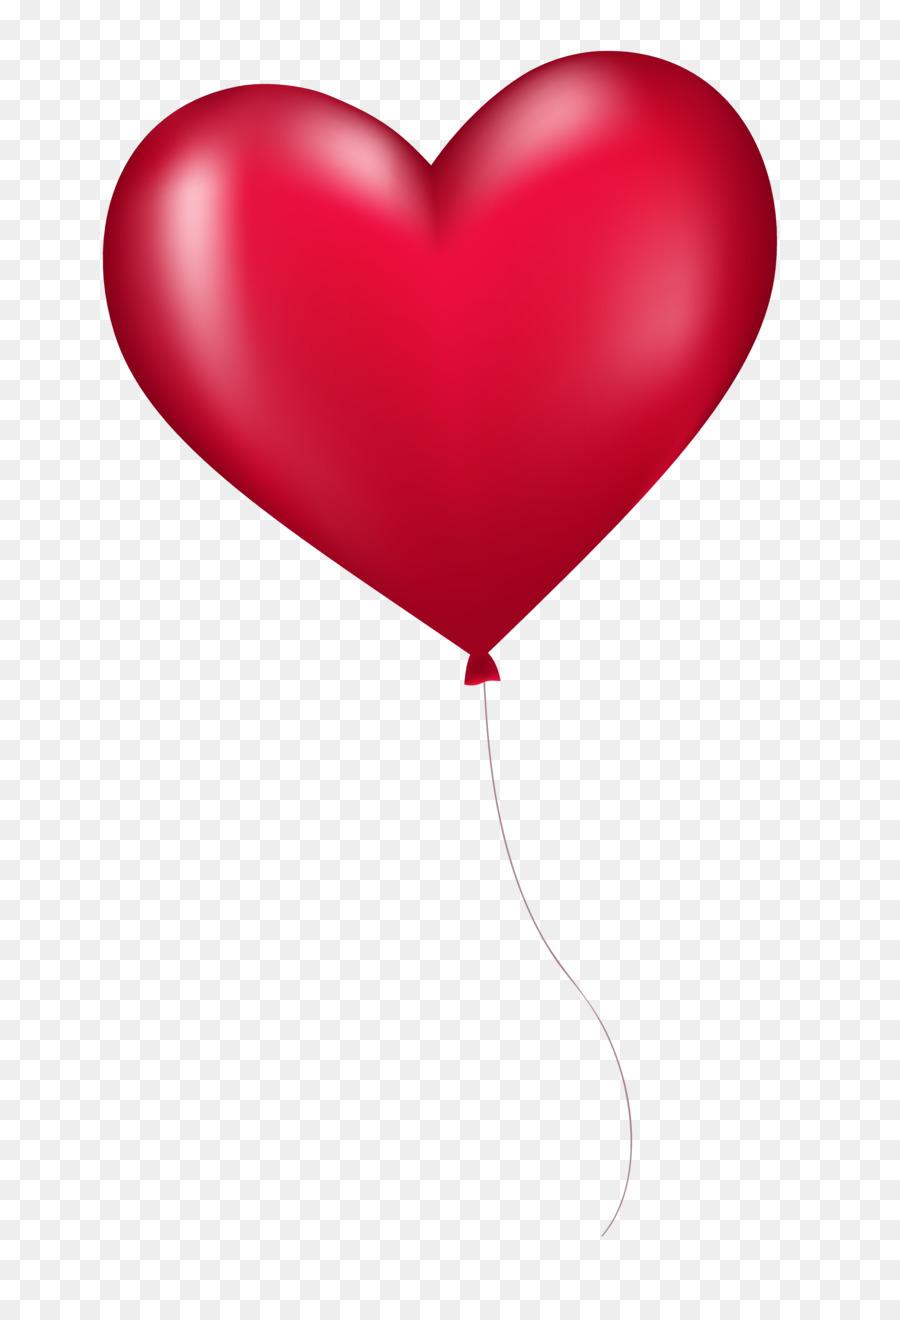 Balon Love Png : balon, Background, Heart, Clipart, Balloon,, Heart,, Transparent